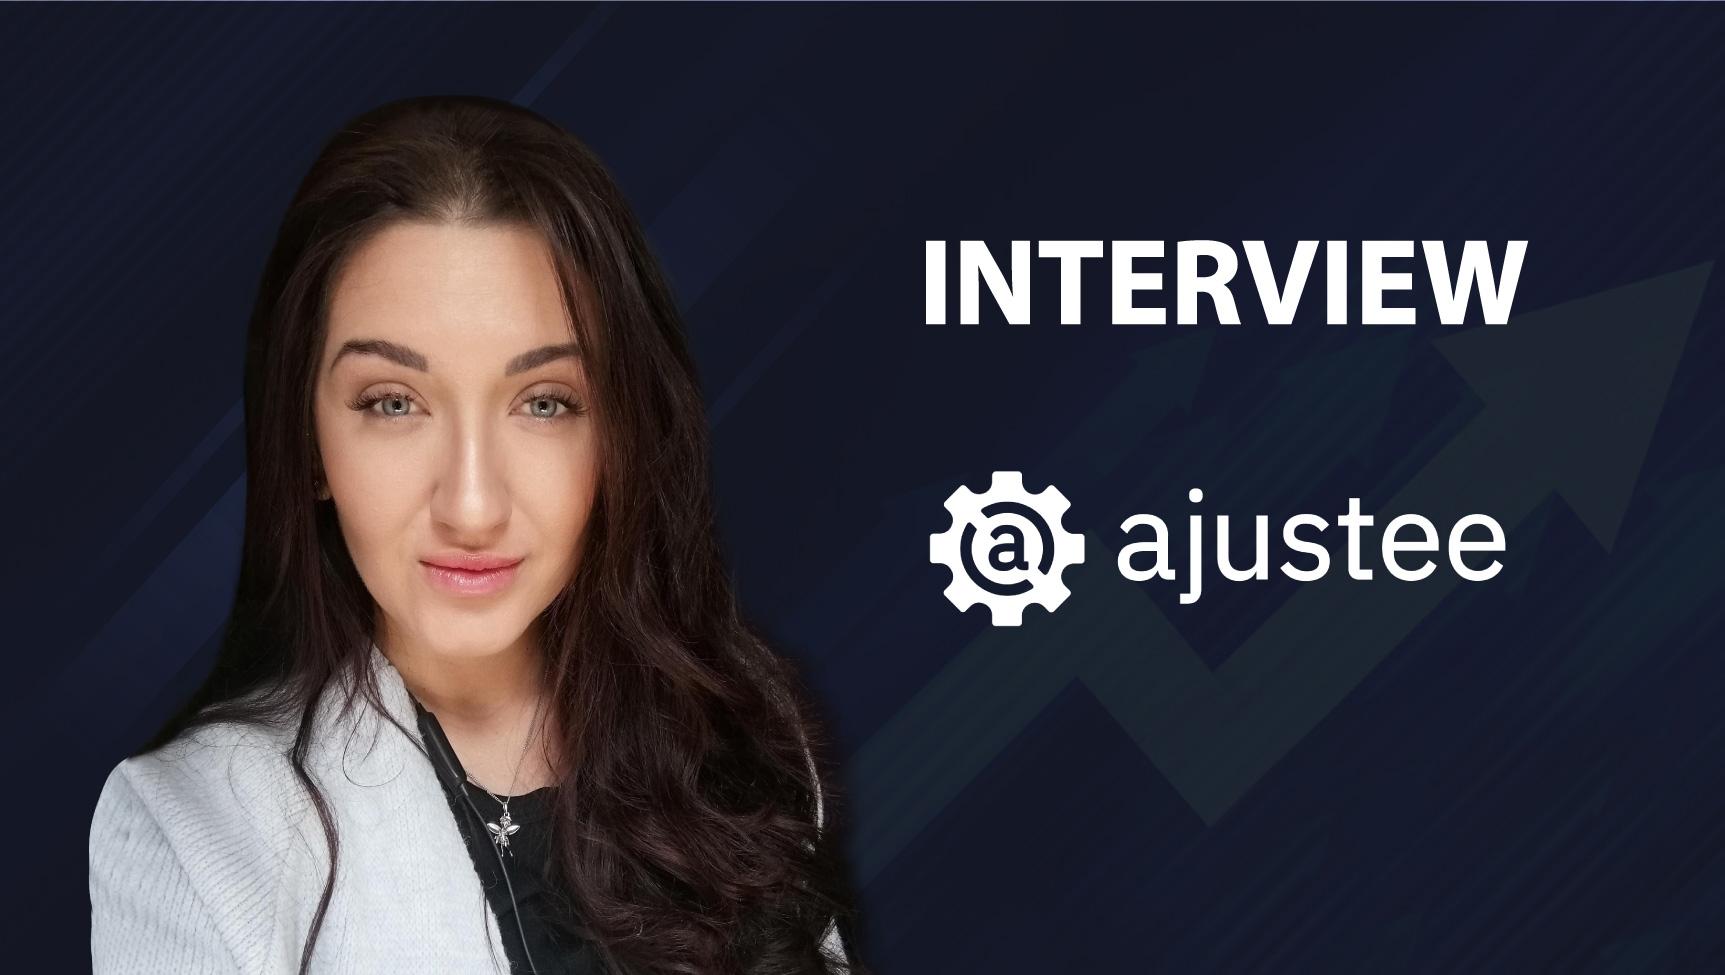 SalesTechStar Interview with Maryna Gaidak, Marketing Specialist at Ajustee